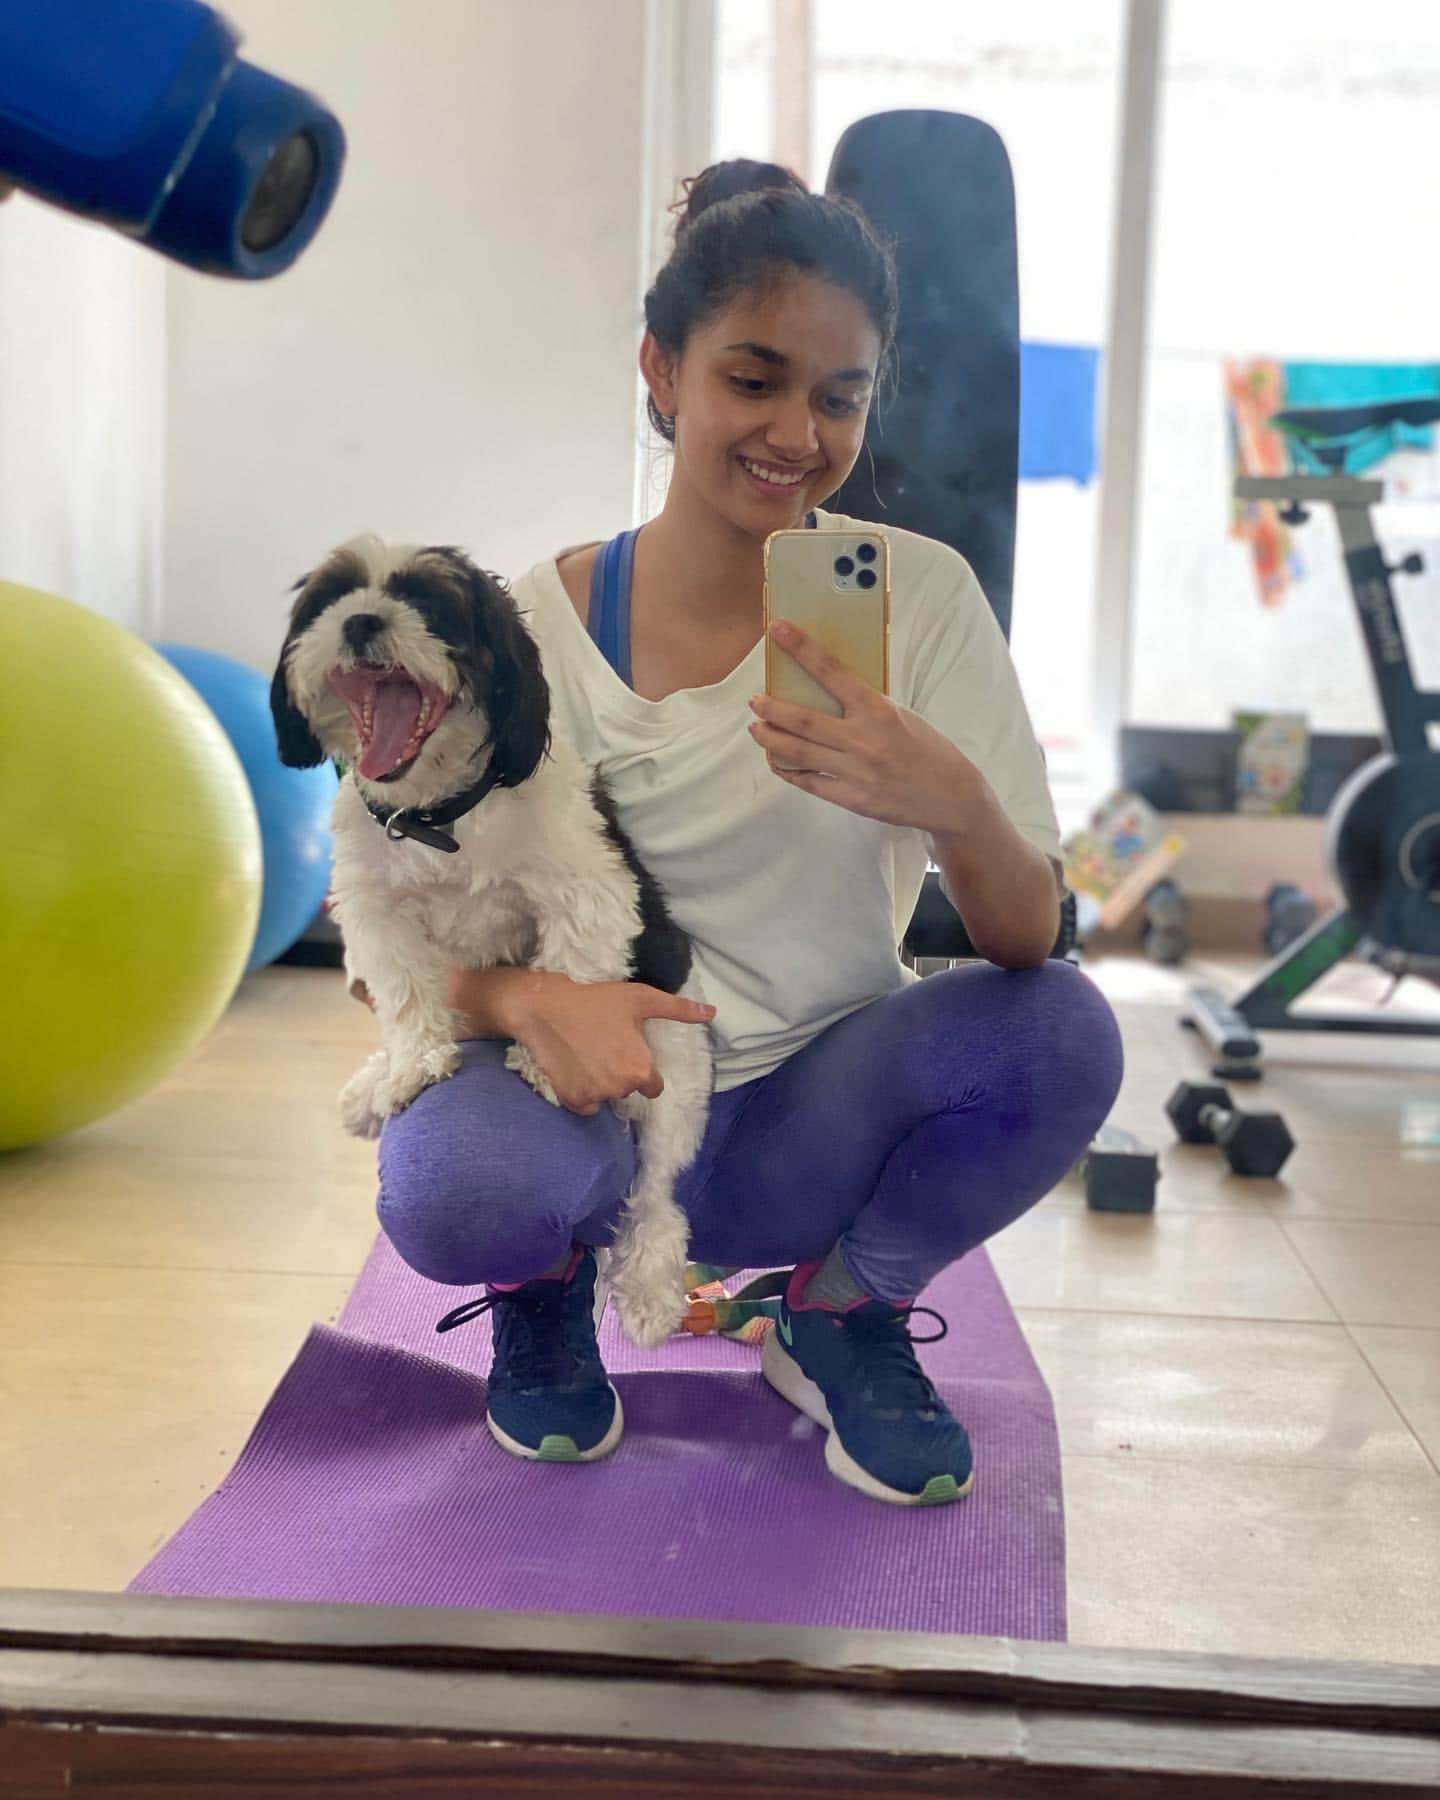 కుక్క పిల్లతో ఆడుకుంటున్న కీర్తి సురేష్ (keerthy suresh with her puppy/Instagram)